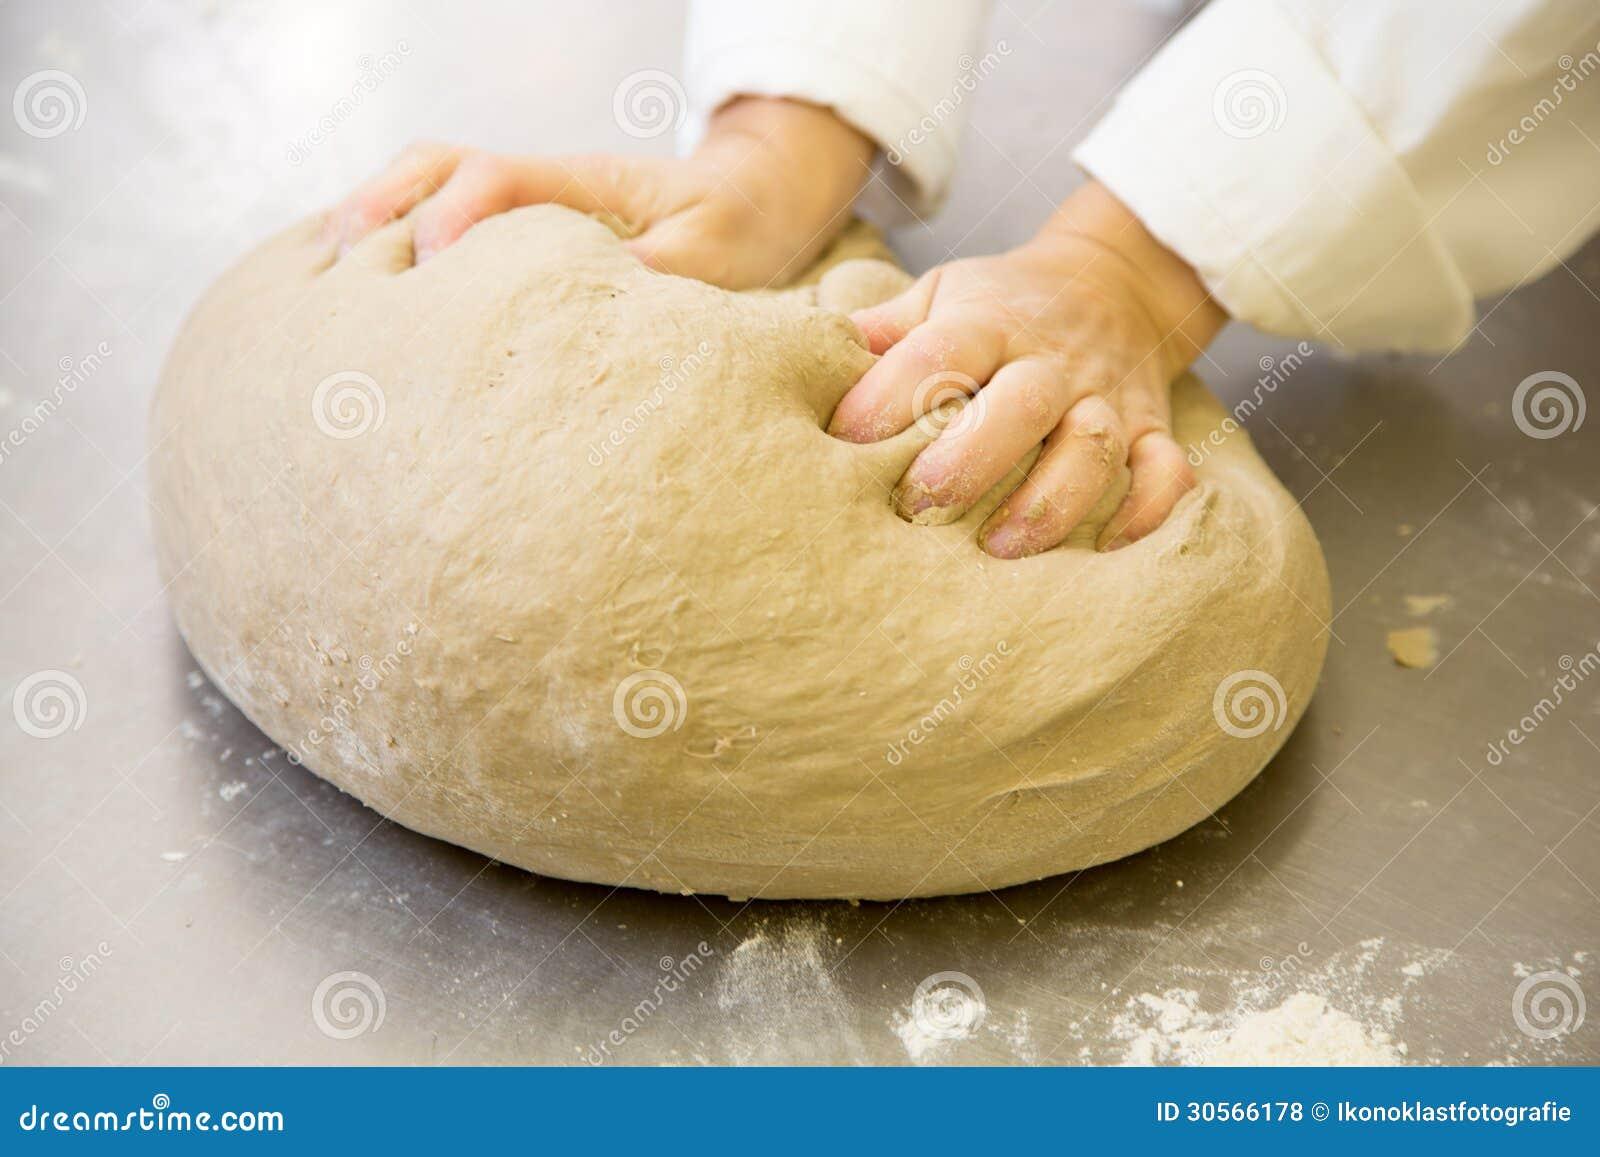 baker malaxant la p te de pain frais dans la boulangerie photos libres de droits image 30566178. Black Bedroom Furniture Sets. Home Design Ideas